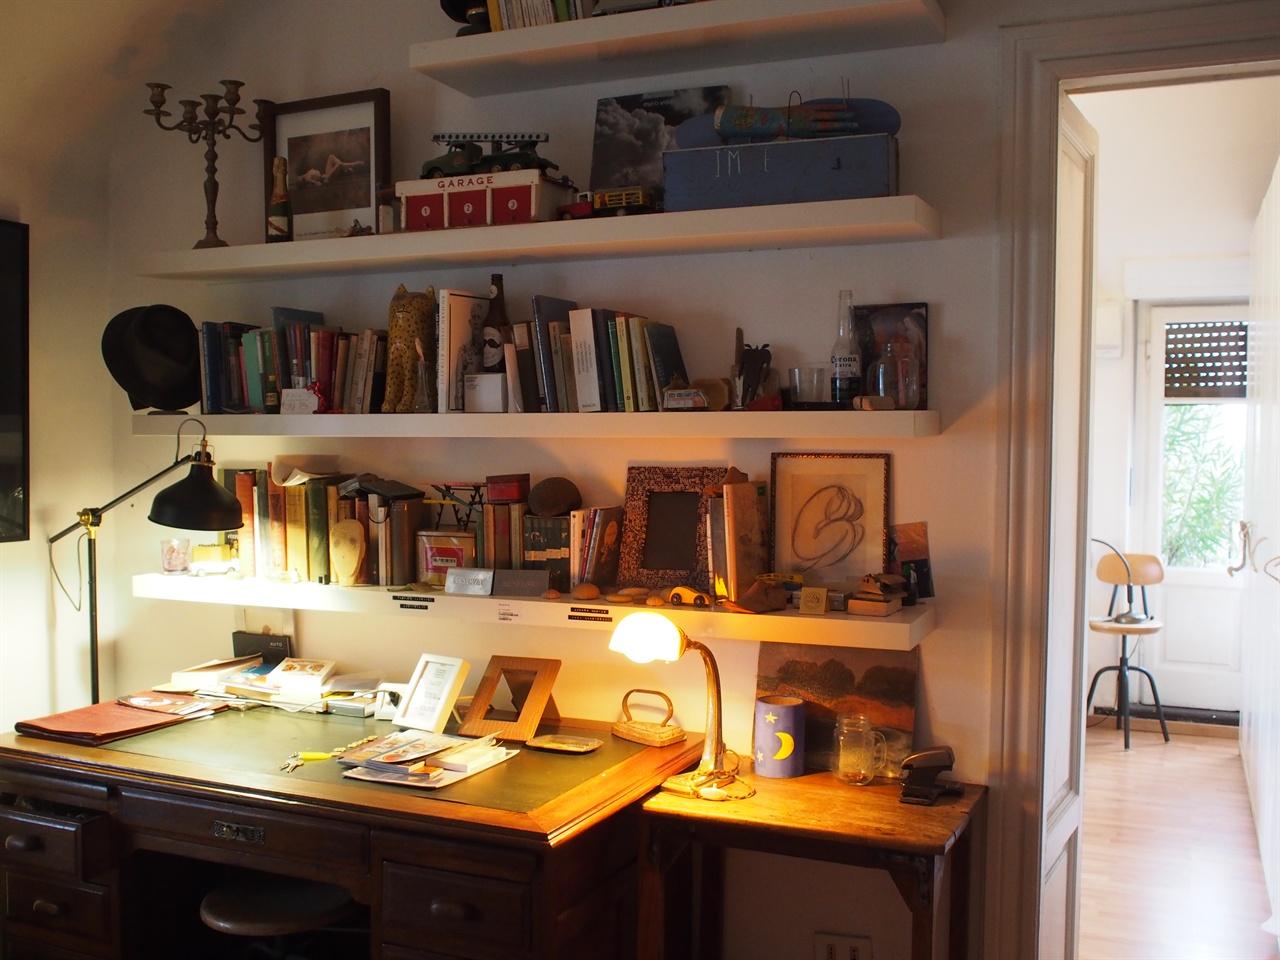 이탈리아 밀라노 에어비앤비 숙소. 서가에 반해 숙박을 결정했다. 책은 원서라서 마음의 눈으로 읽었다.